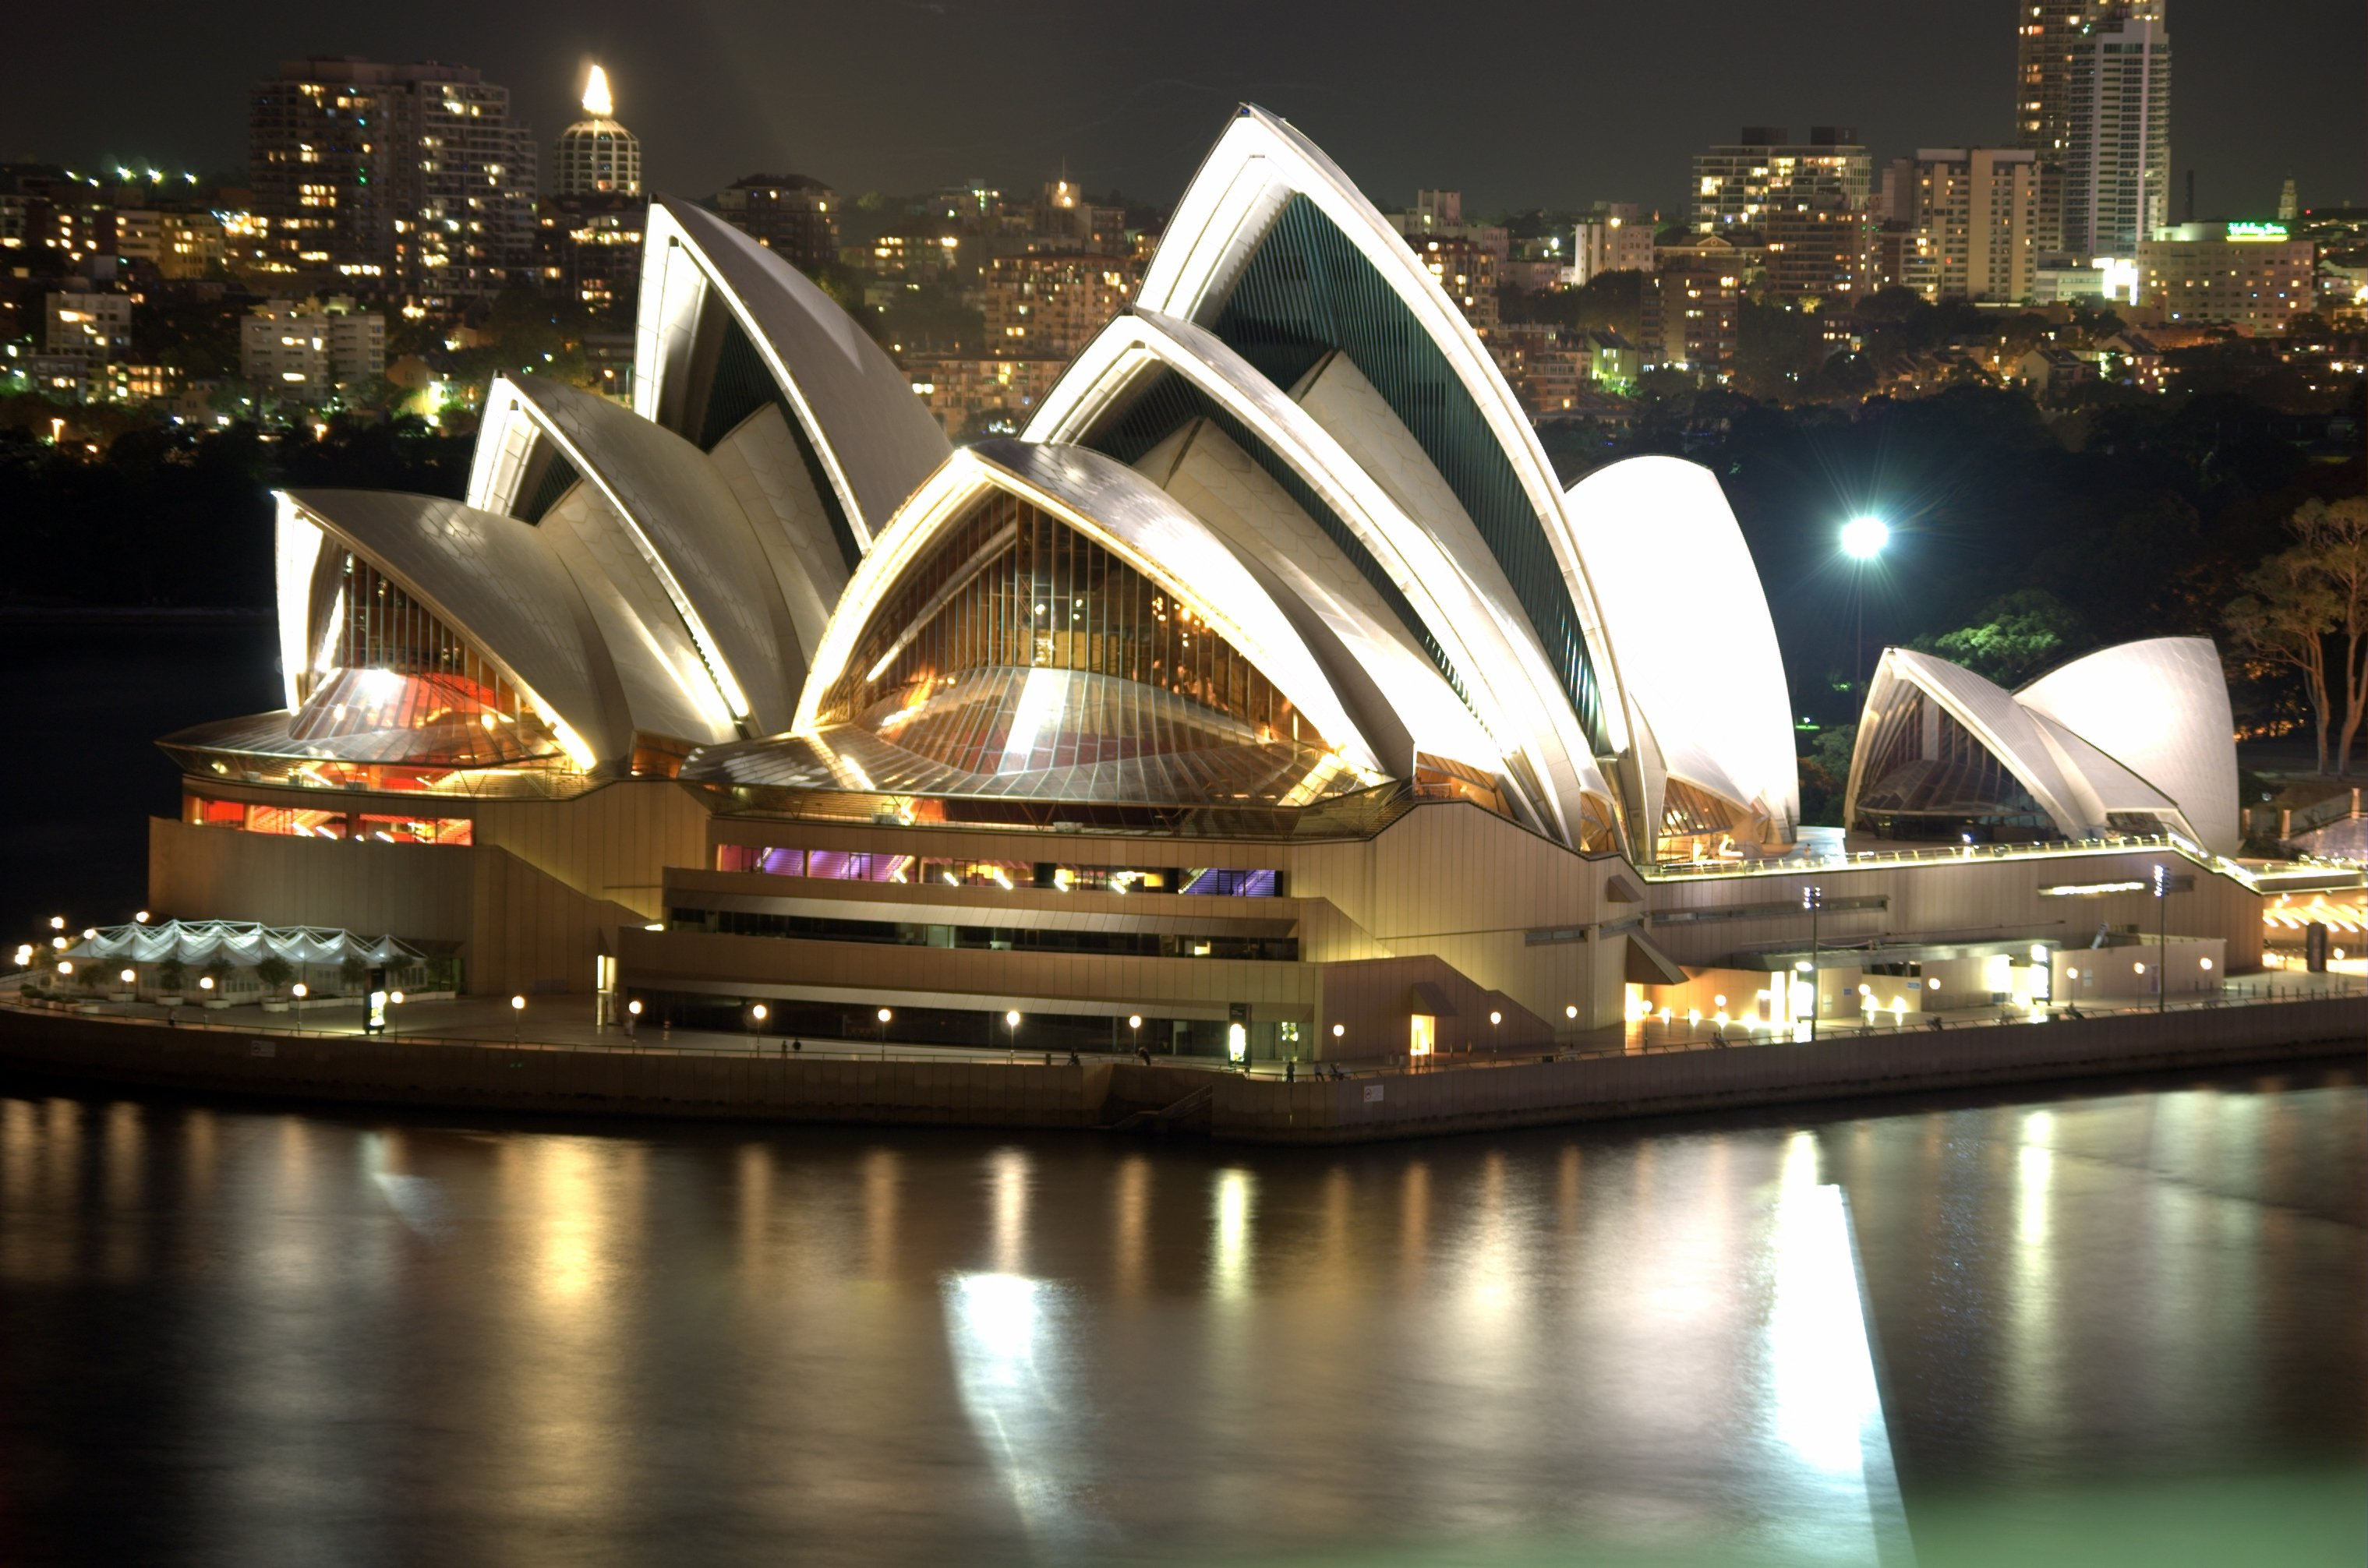 Australia şi Noua Zeelandă ar vrea să adopte o monedă unică, dar se tem de exemplul zonei euro